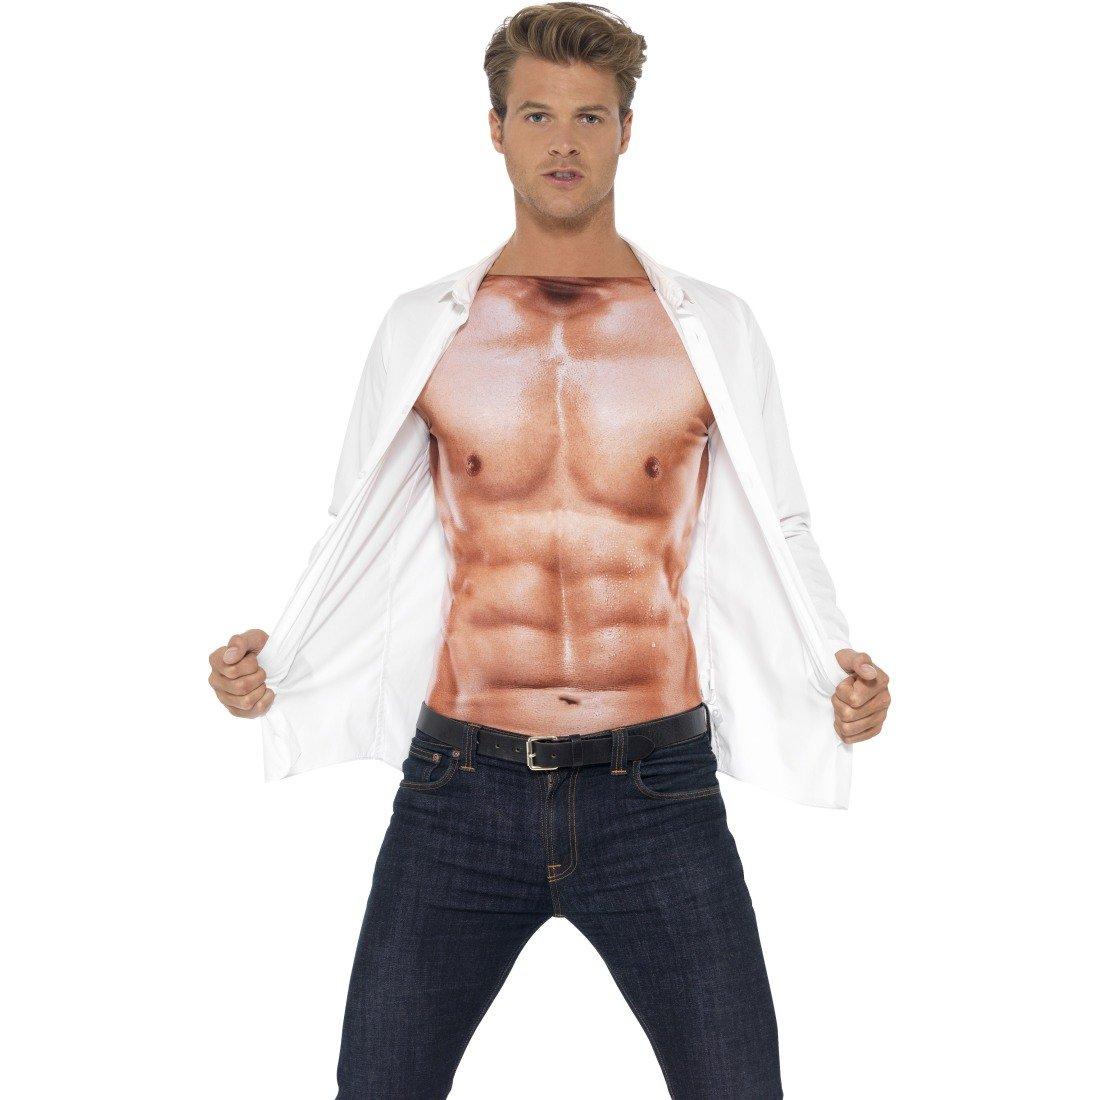 Gemütlich Muskeln Oberkörper Fotos - Menschliche Anatomie Bilder ...